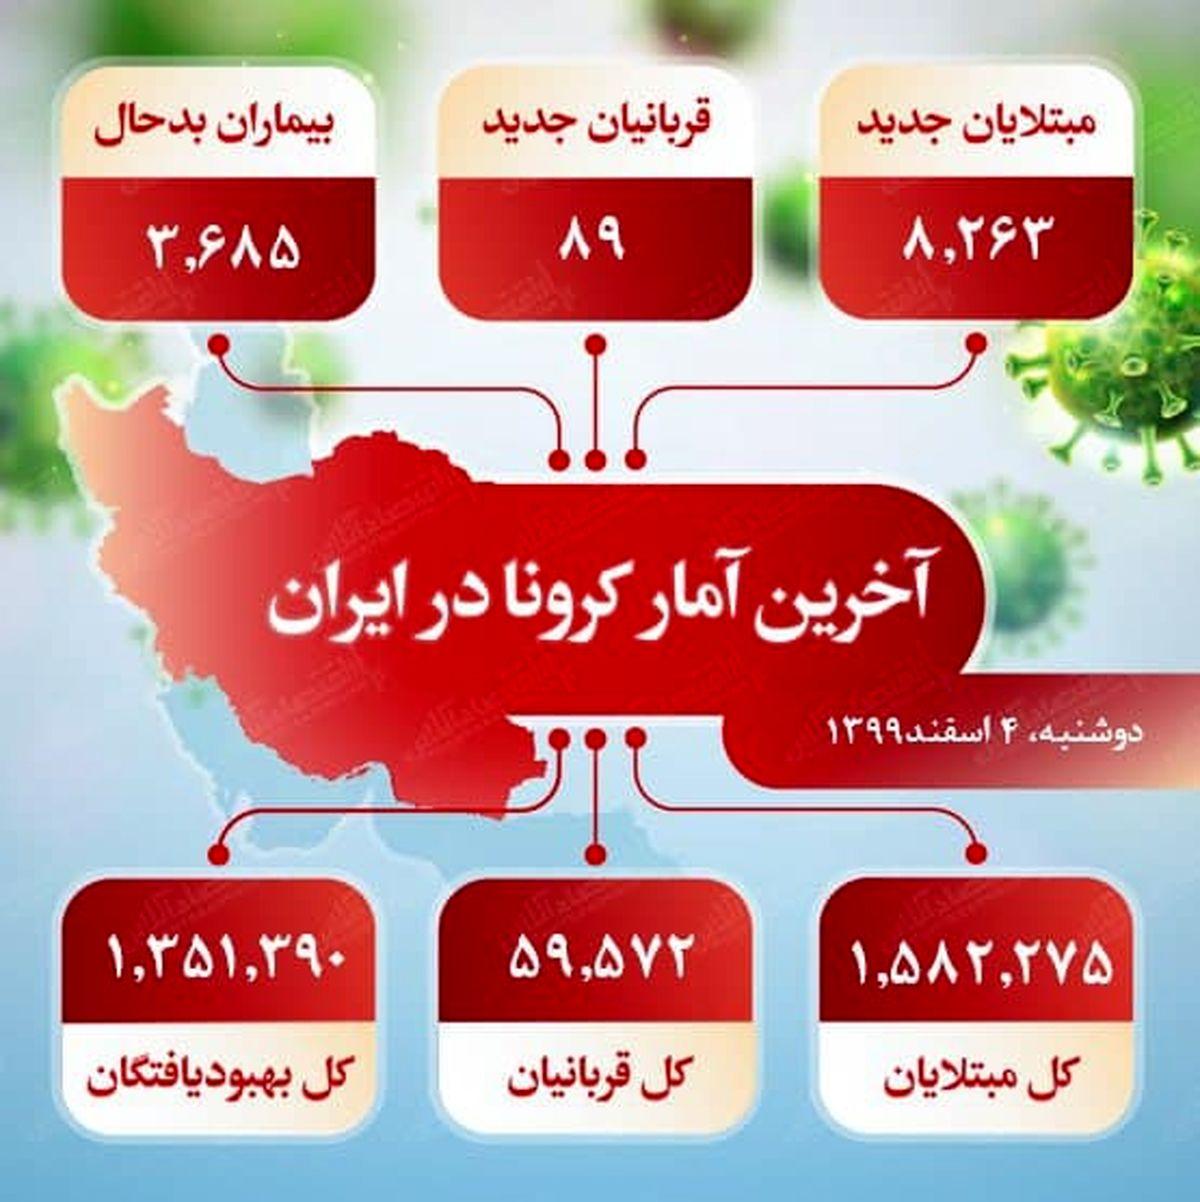 آخرین آمار کرونا در ایران (۹۹/۱۲/۴)